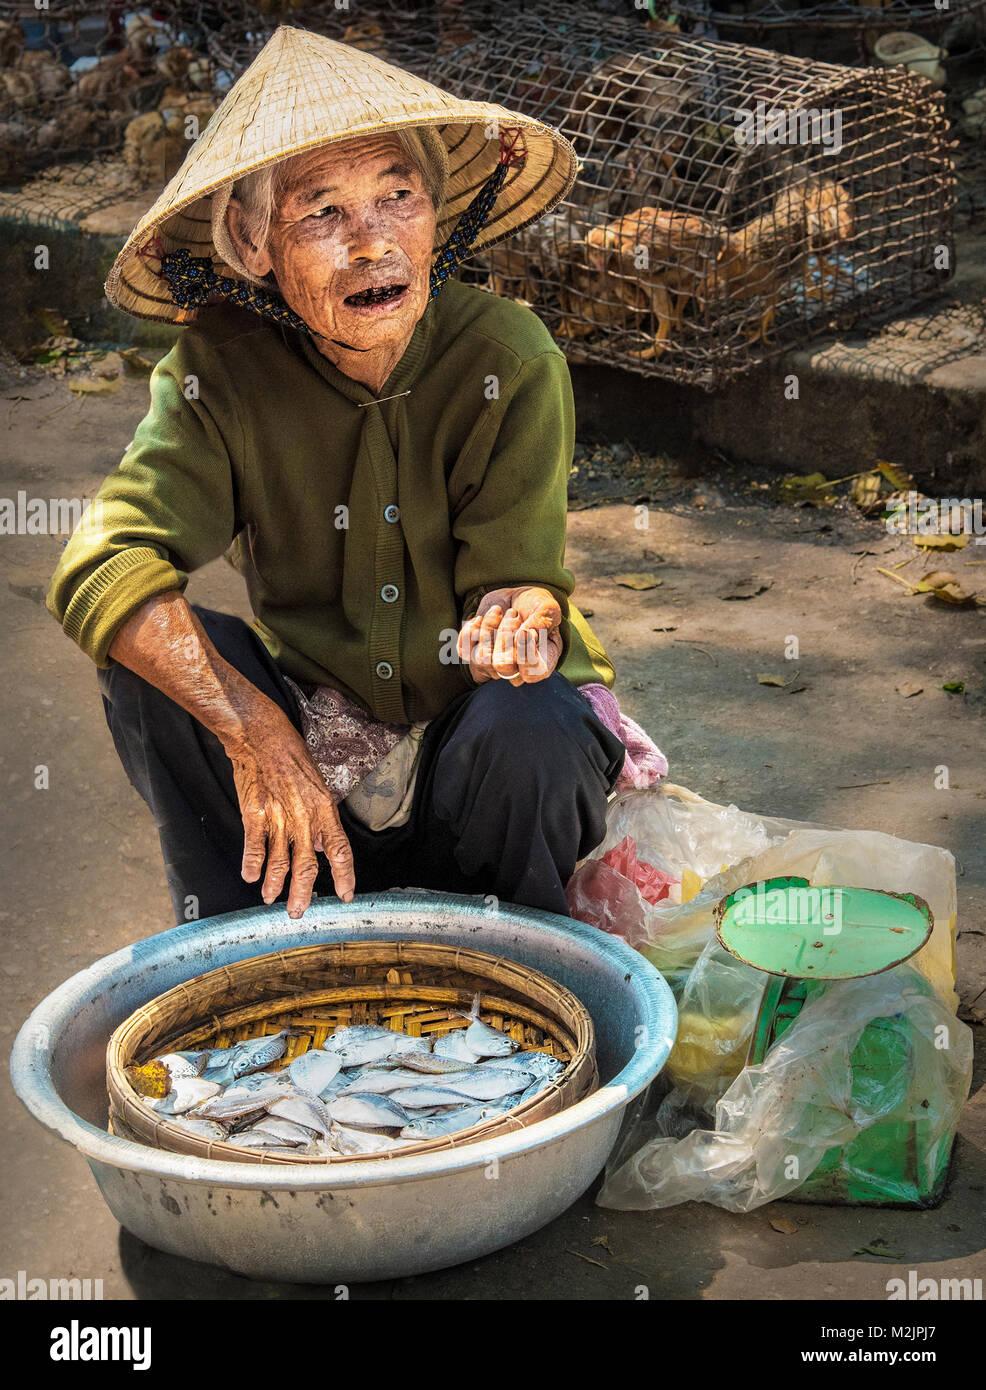 Traditionelle vietnamesische Dame verkaufen Fische aus einer kleinen Schüssel in den Markt von Hoi An Vietnam Stockbild